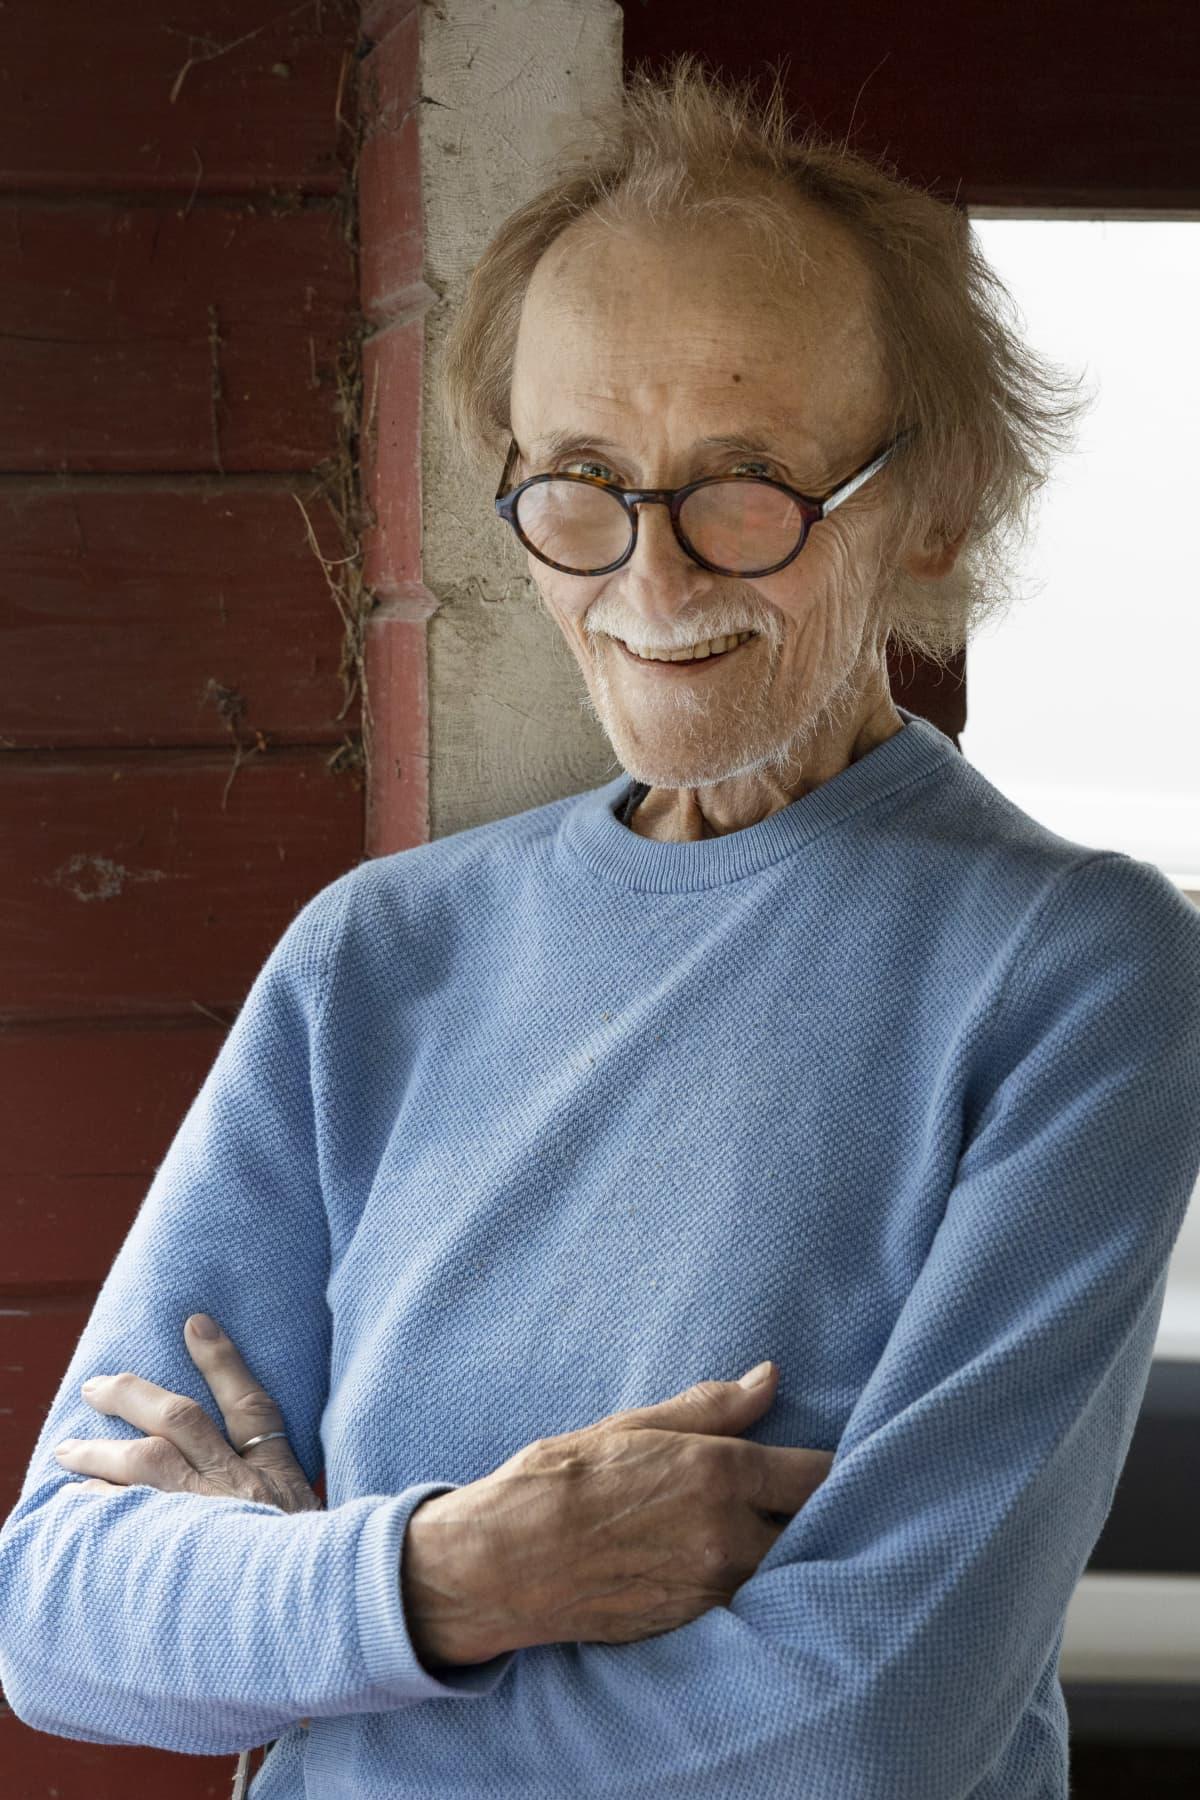 Seppo Kahilainen katsoo hymyillen kameraan silmälasiensa yli.